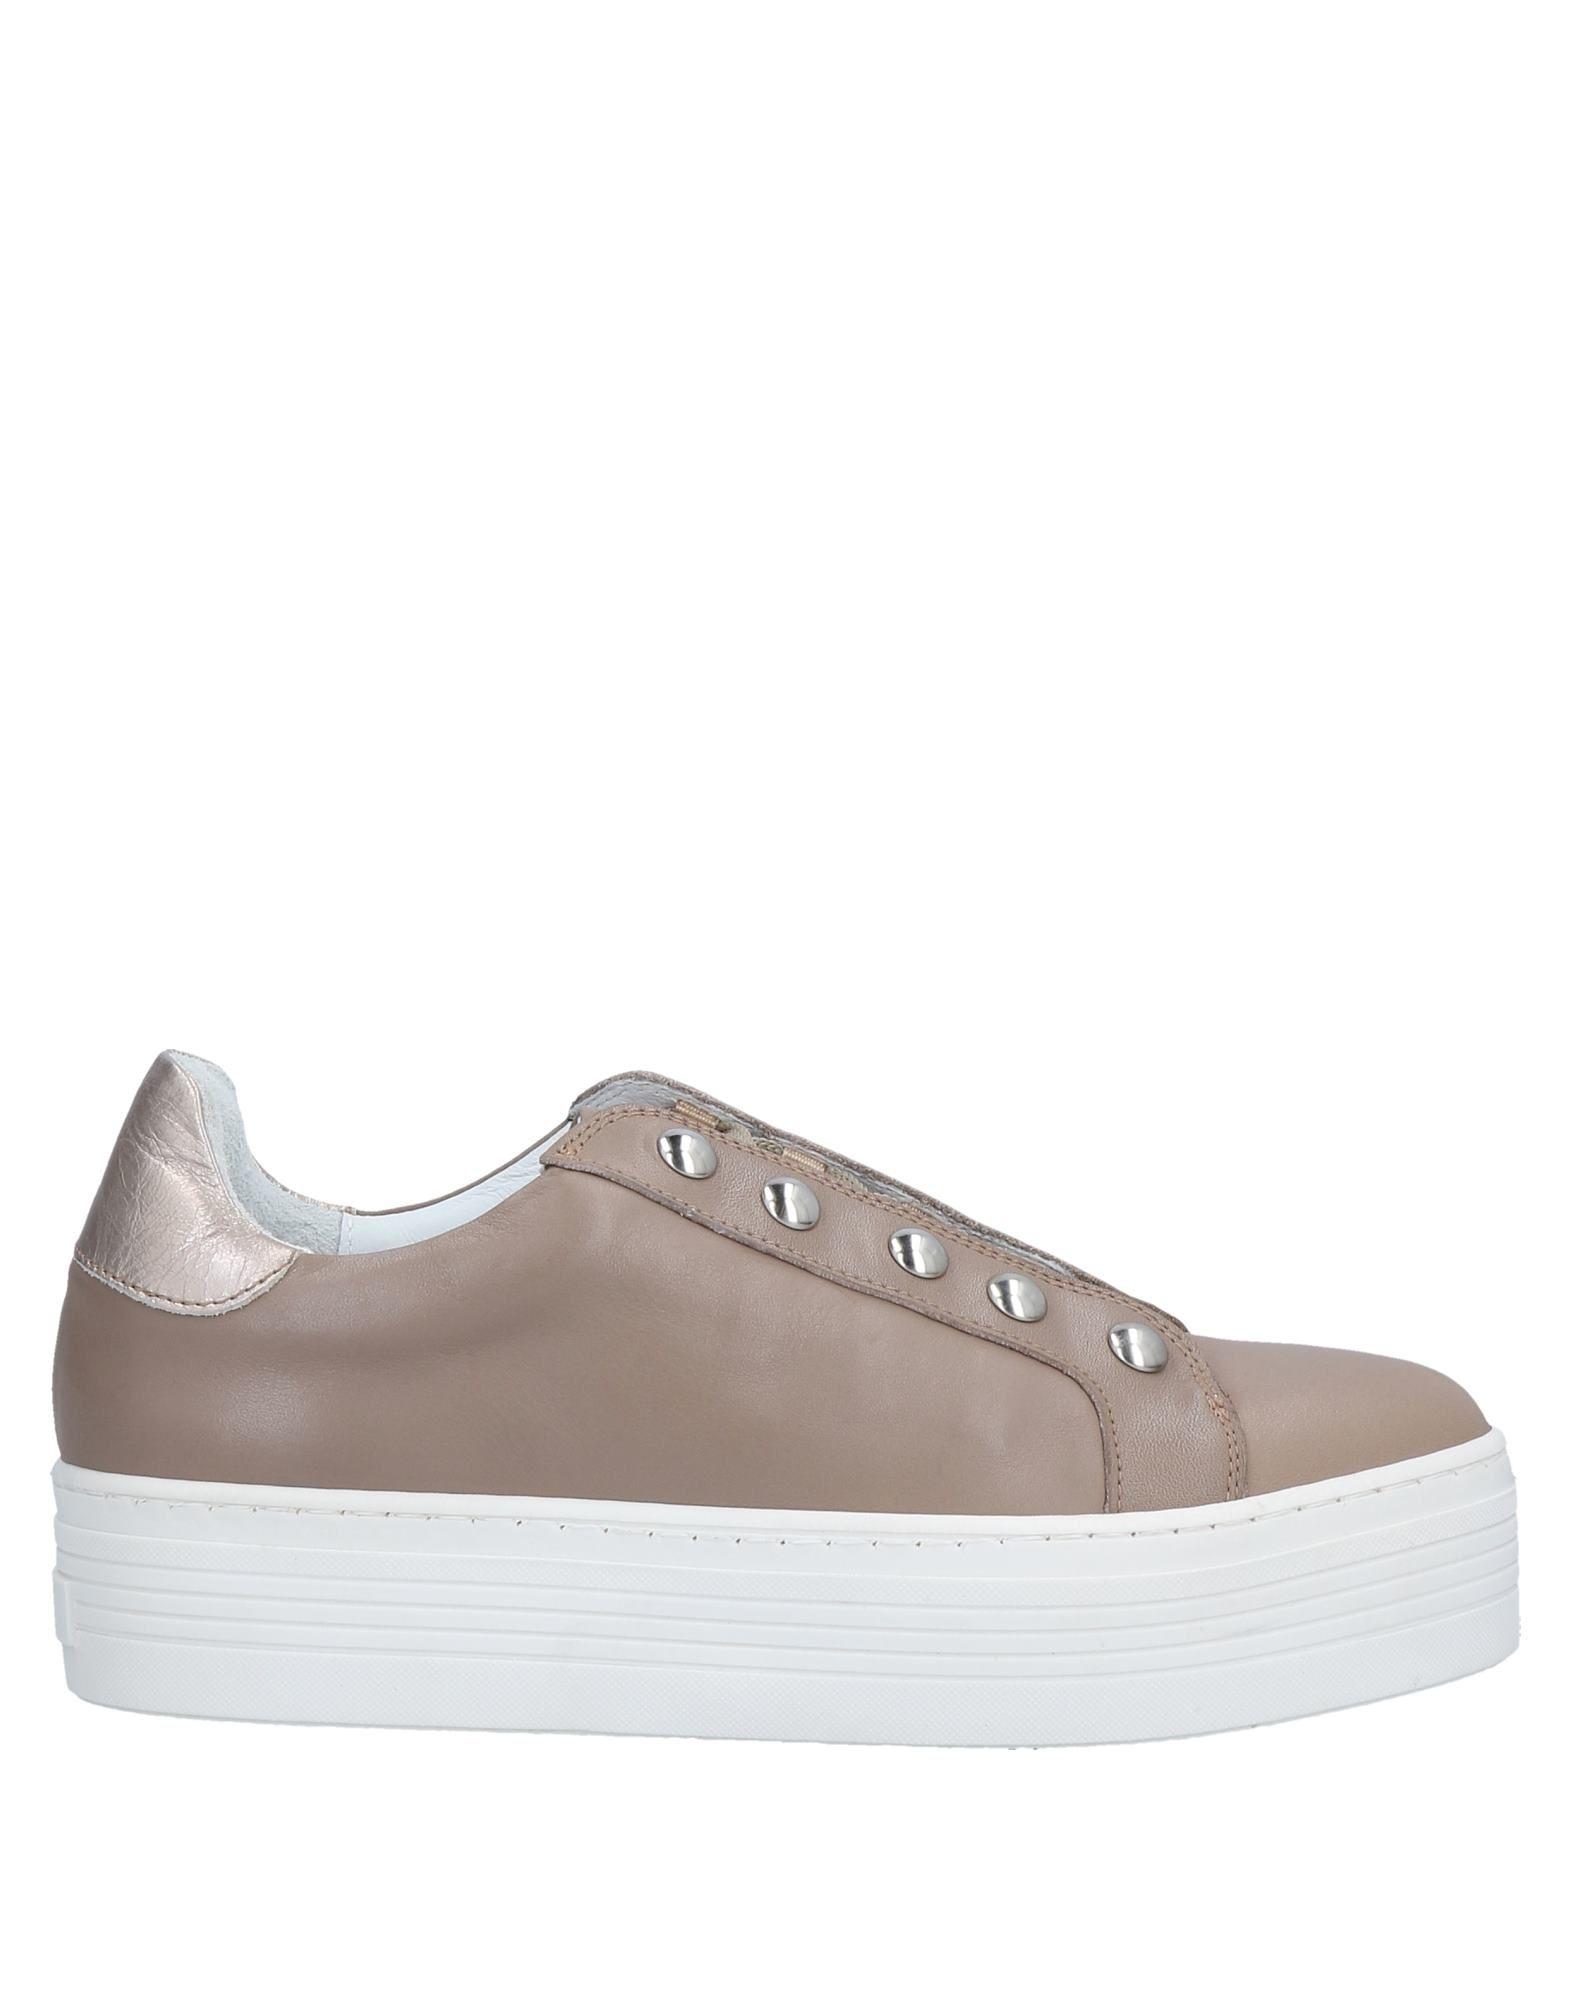 Gris Gris Gris rosado Zapatillas Mally Mujer - Zapatillas Mally Nuevos zapatos para  hombres  y mujeres, descuento por tiempo limitado f507f6